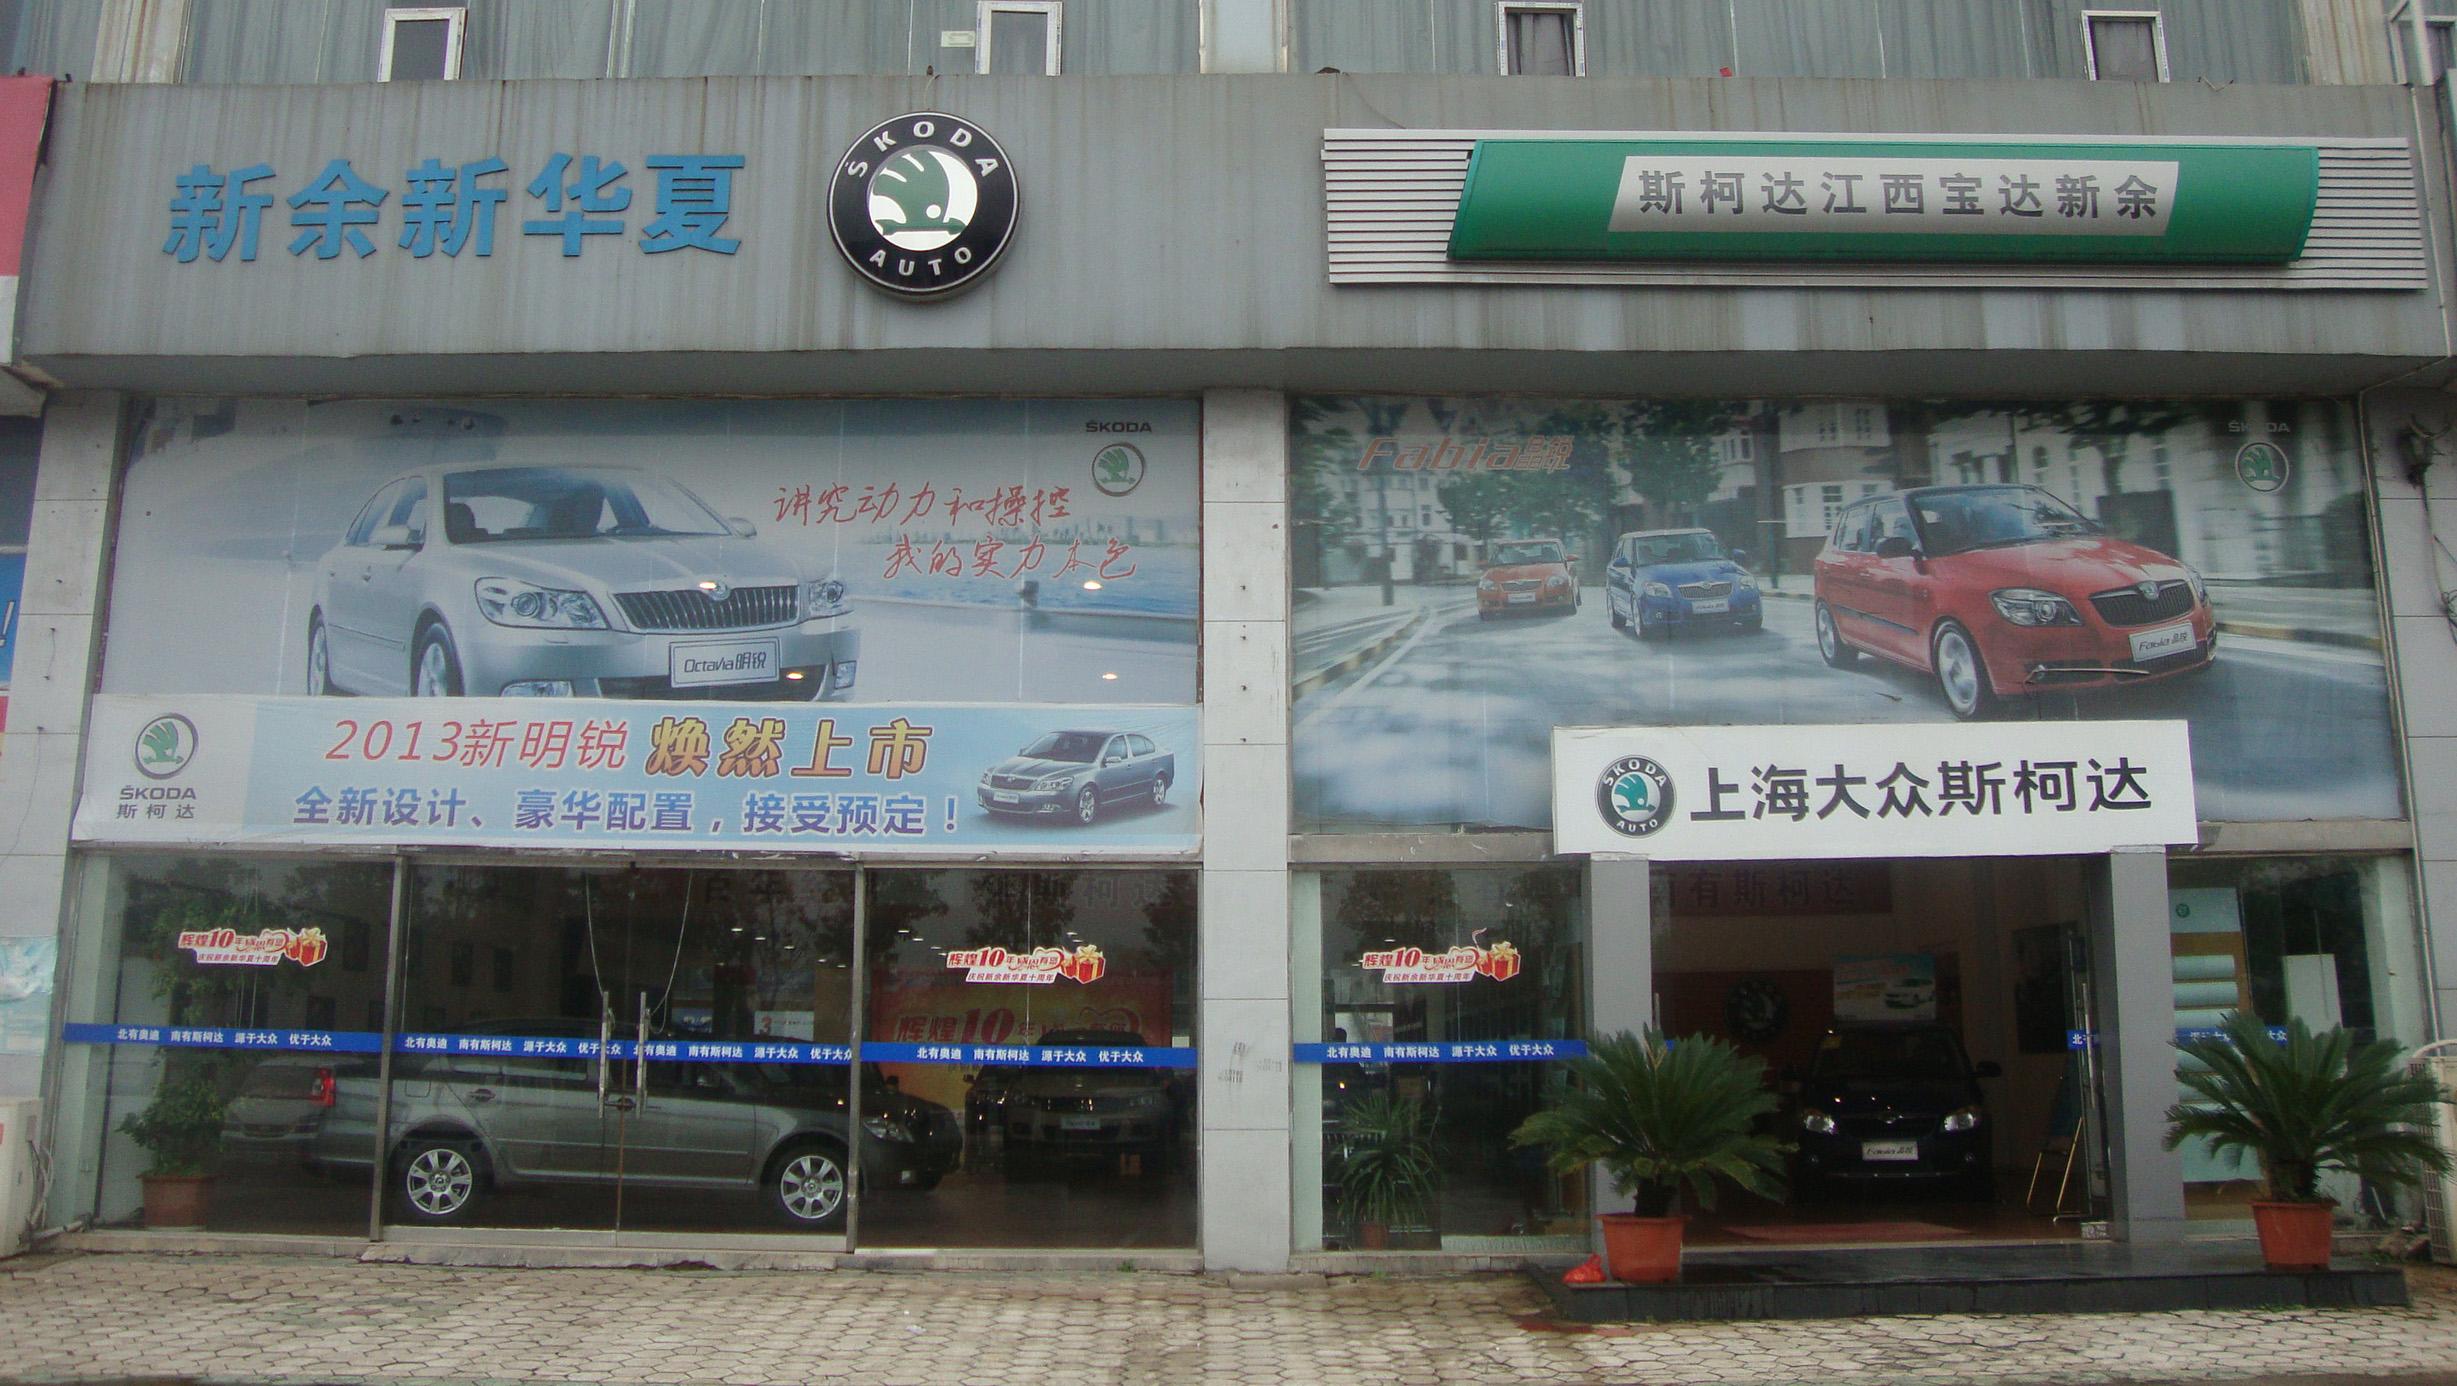 新余新华夏汽车销售有限公司